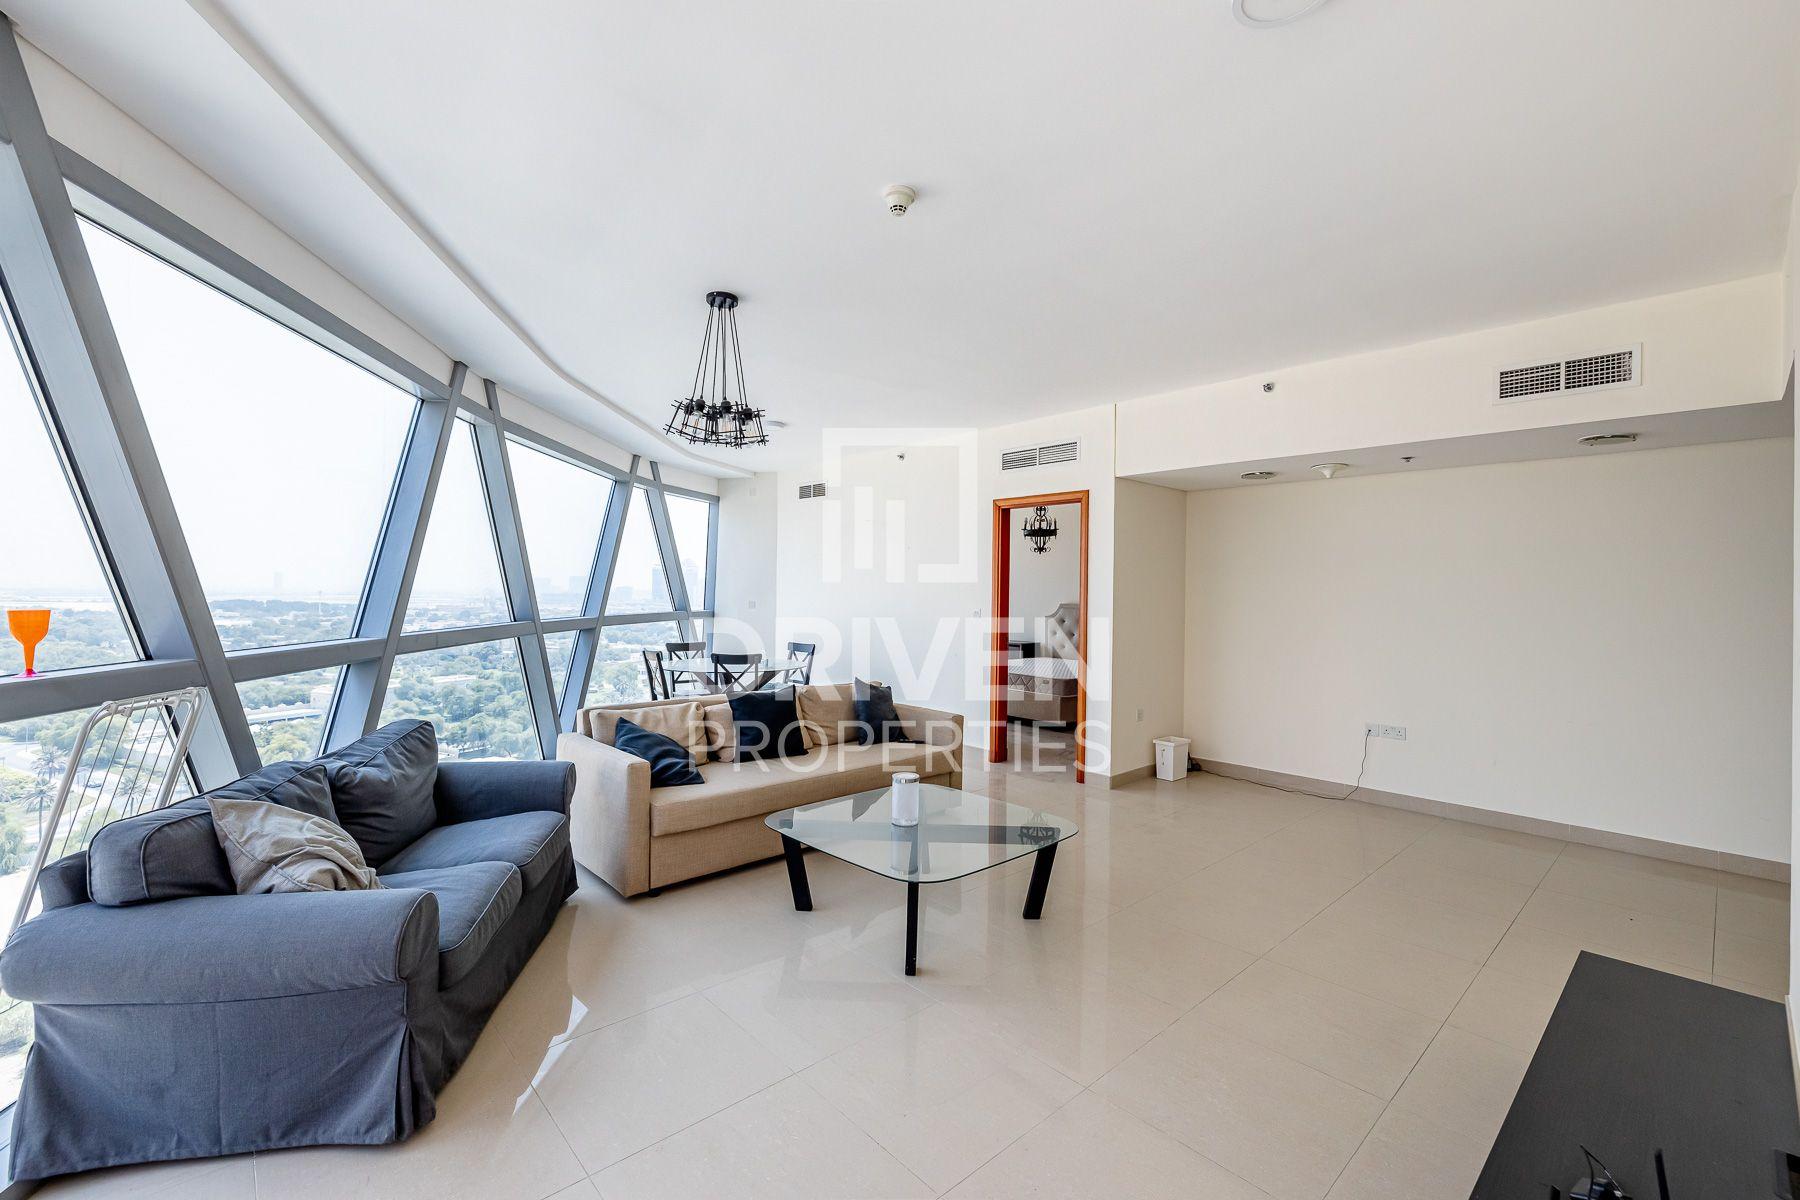 1,724 قدم مربع  شقة - للايجار - مركز دبي المالي العالمي